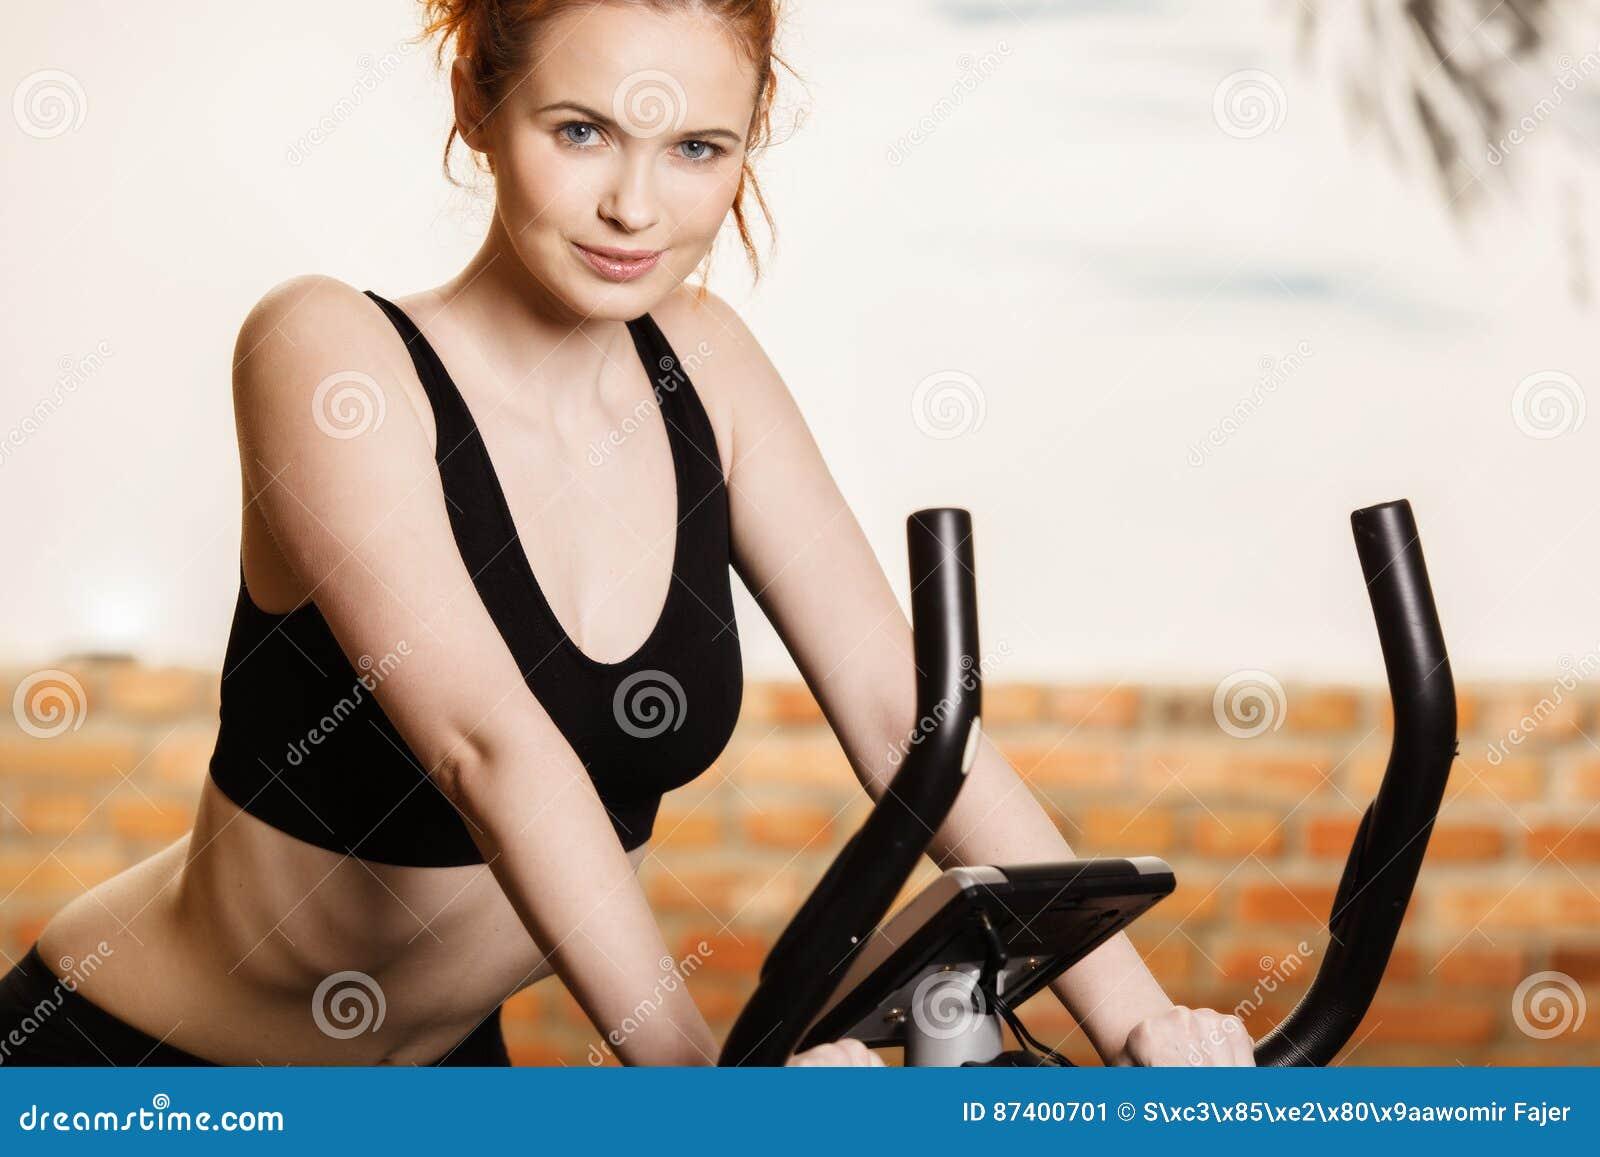 Ενεργός νέα γυναίκα που κάνει την άσκηση στο ποδήλατο στο σπίτι